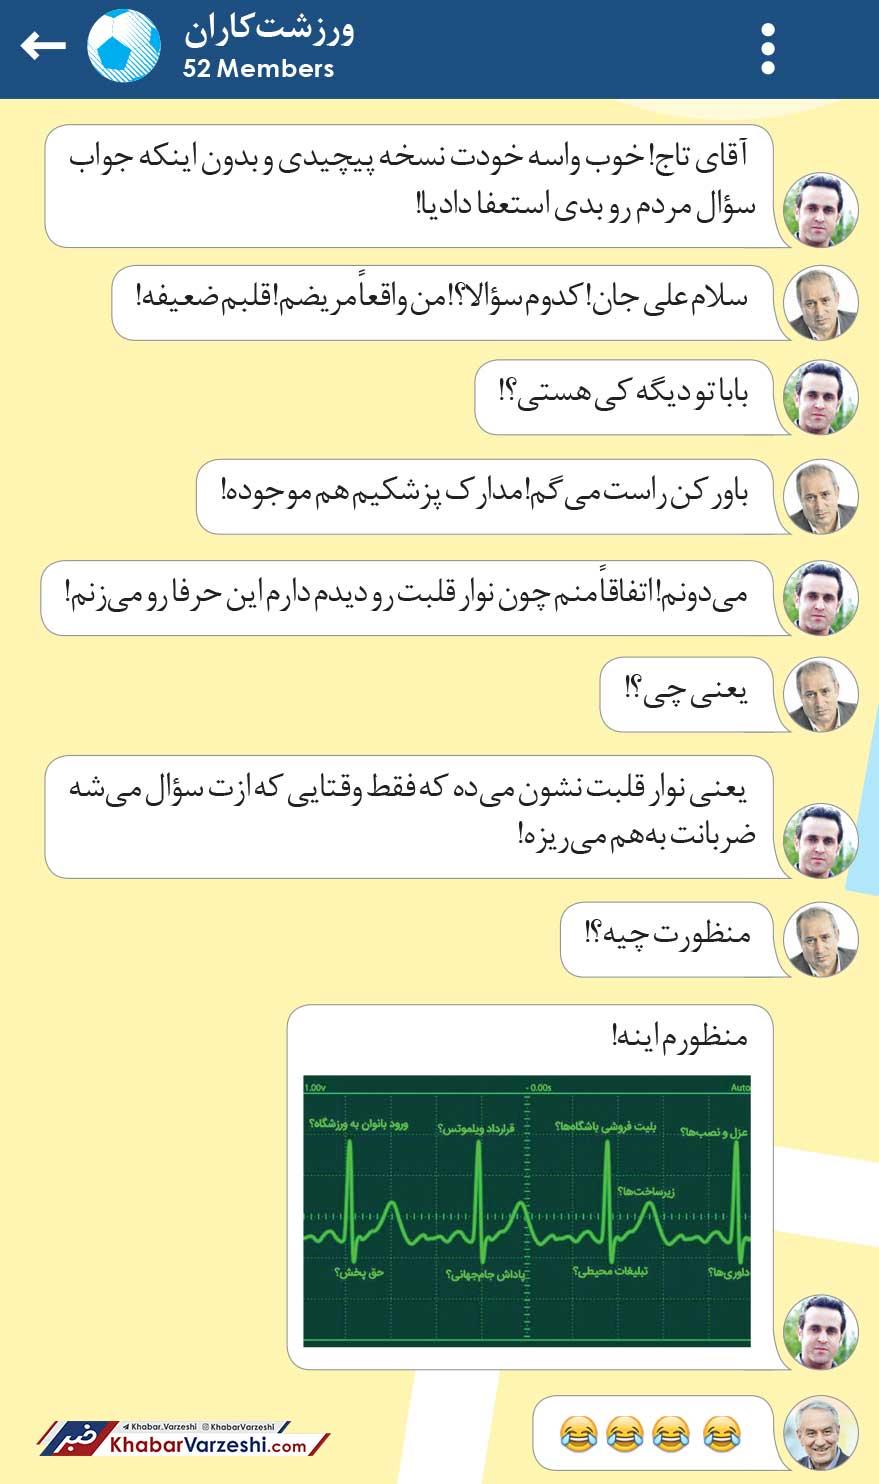 طنز ورزشتکاران میلاد سازمند درباره مریضی قلبی مهدی تاج